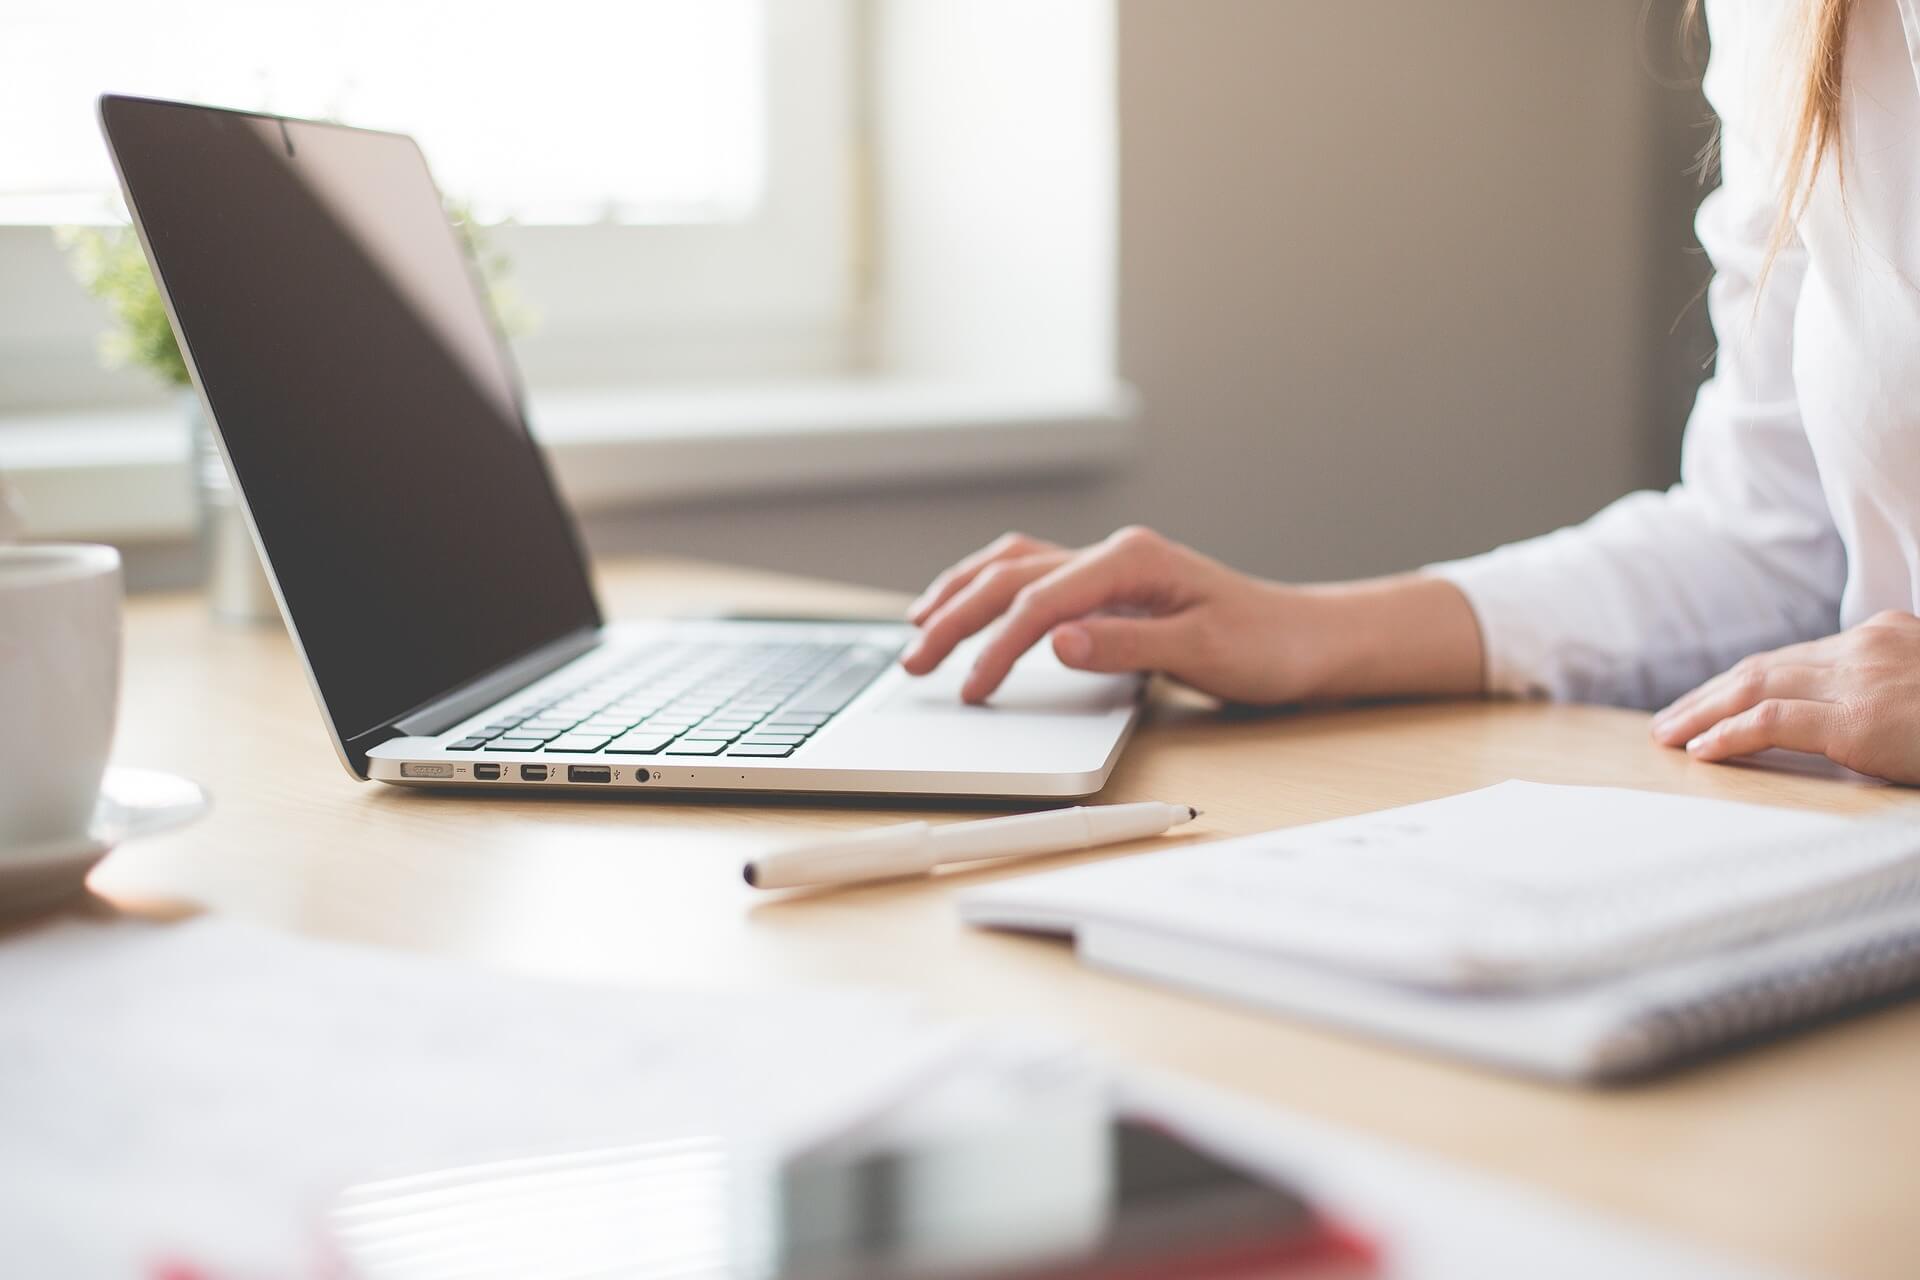 3ตามมาดูเทคนิคทำธุรกิจออนไลน์ปี 2020 การทำธุรกิจการอัปเดตข้อมูลข่าวสาร